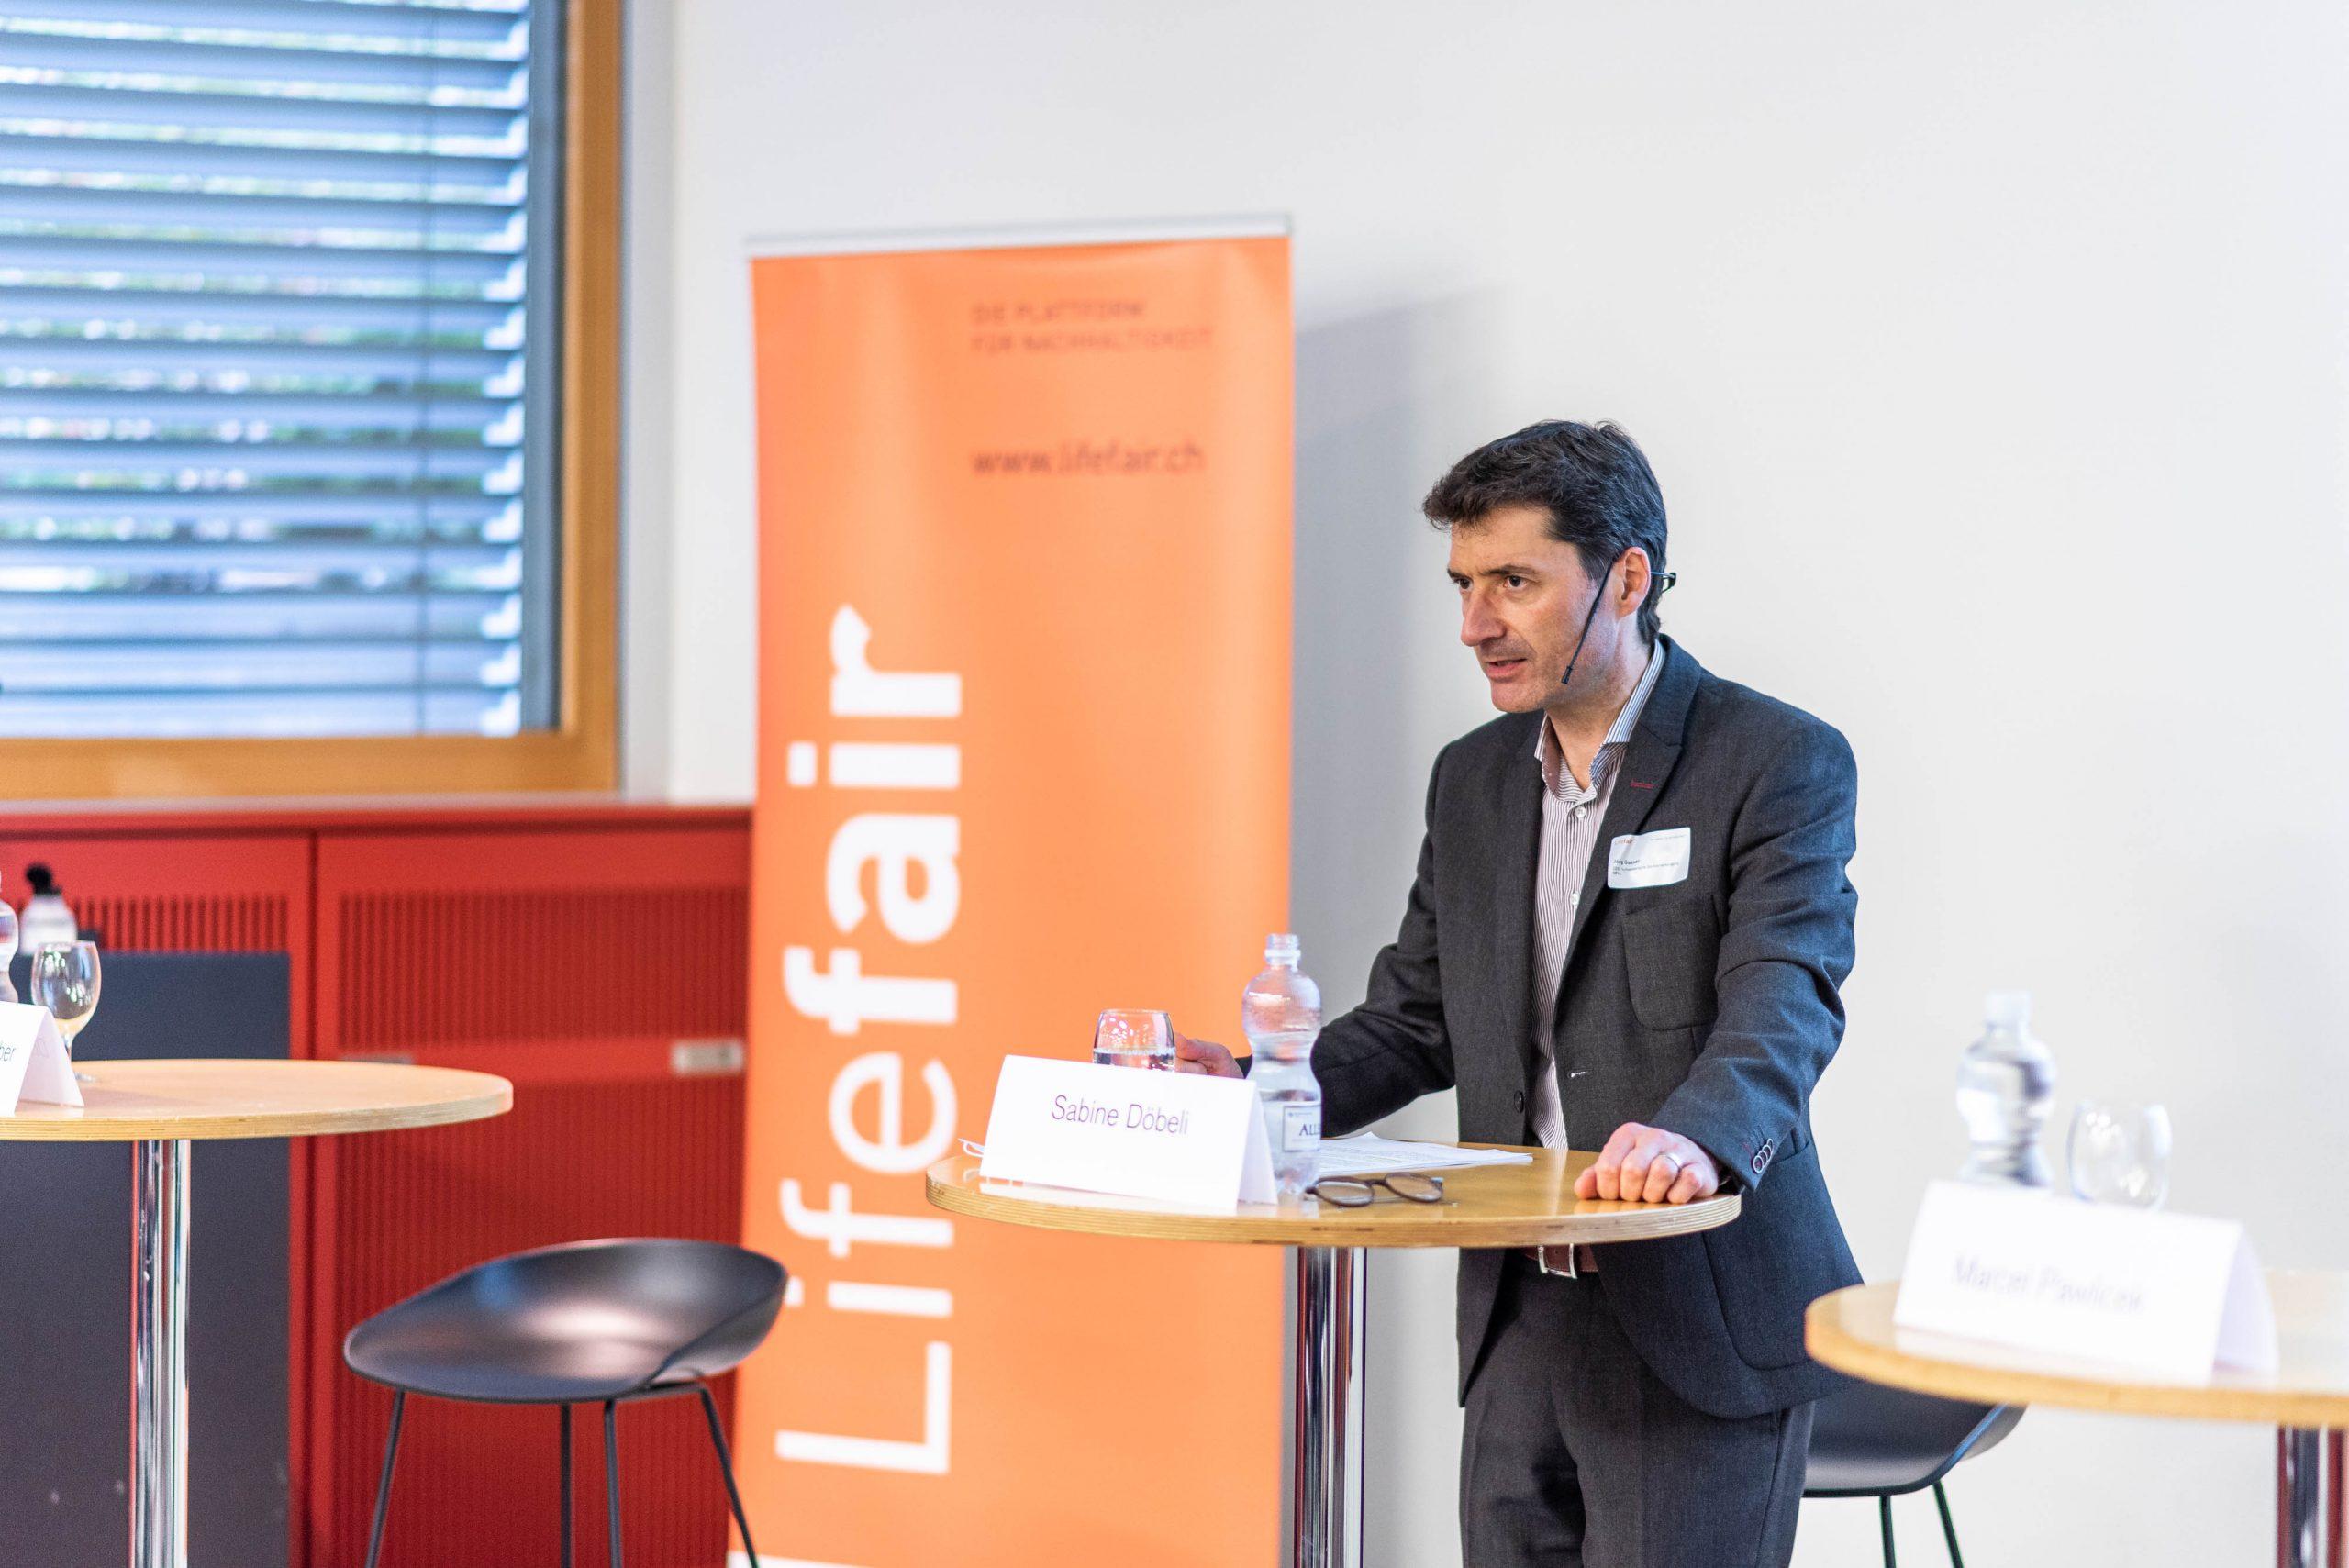 LF38, Keynote Jörg Gasser, CEO, Schweizerische Bankiervereinigung SBVg